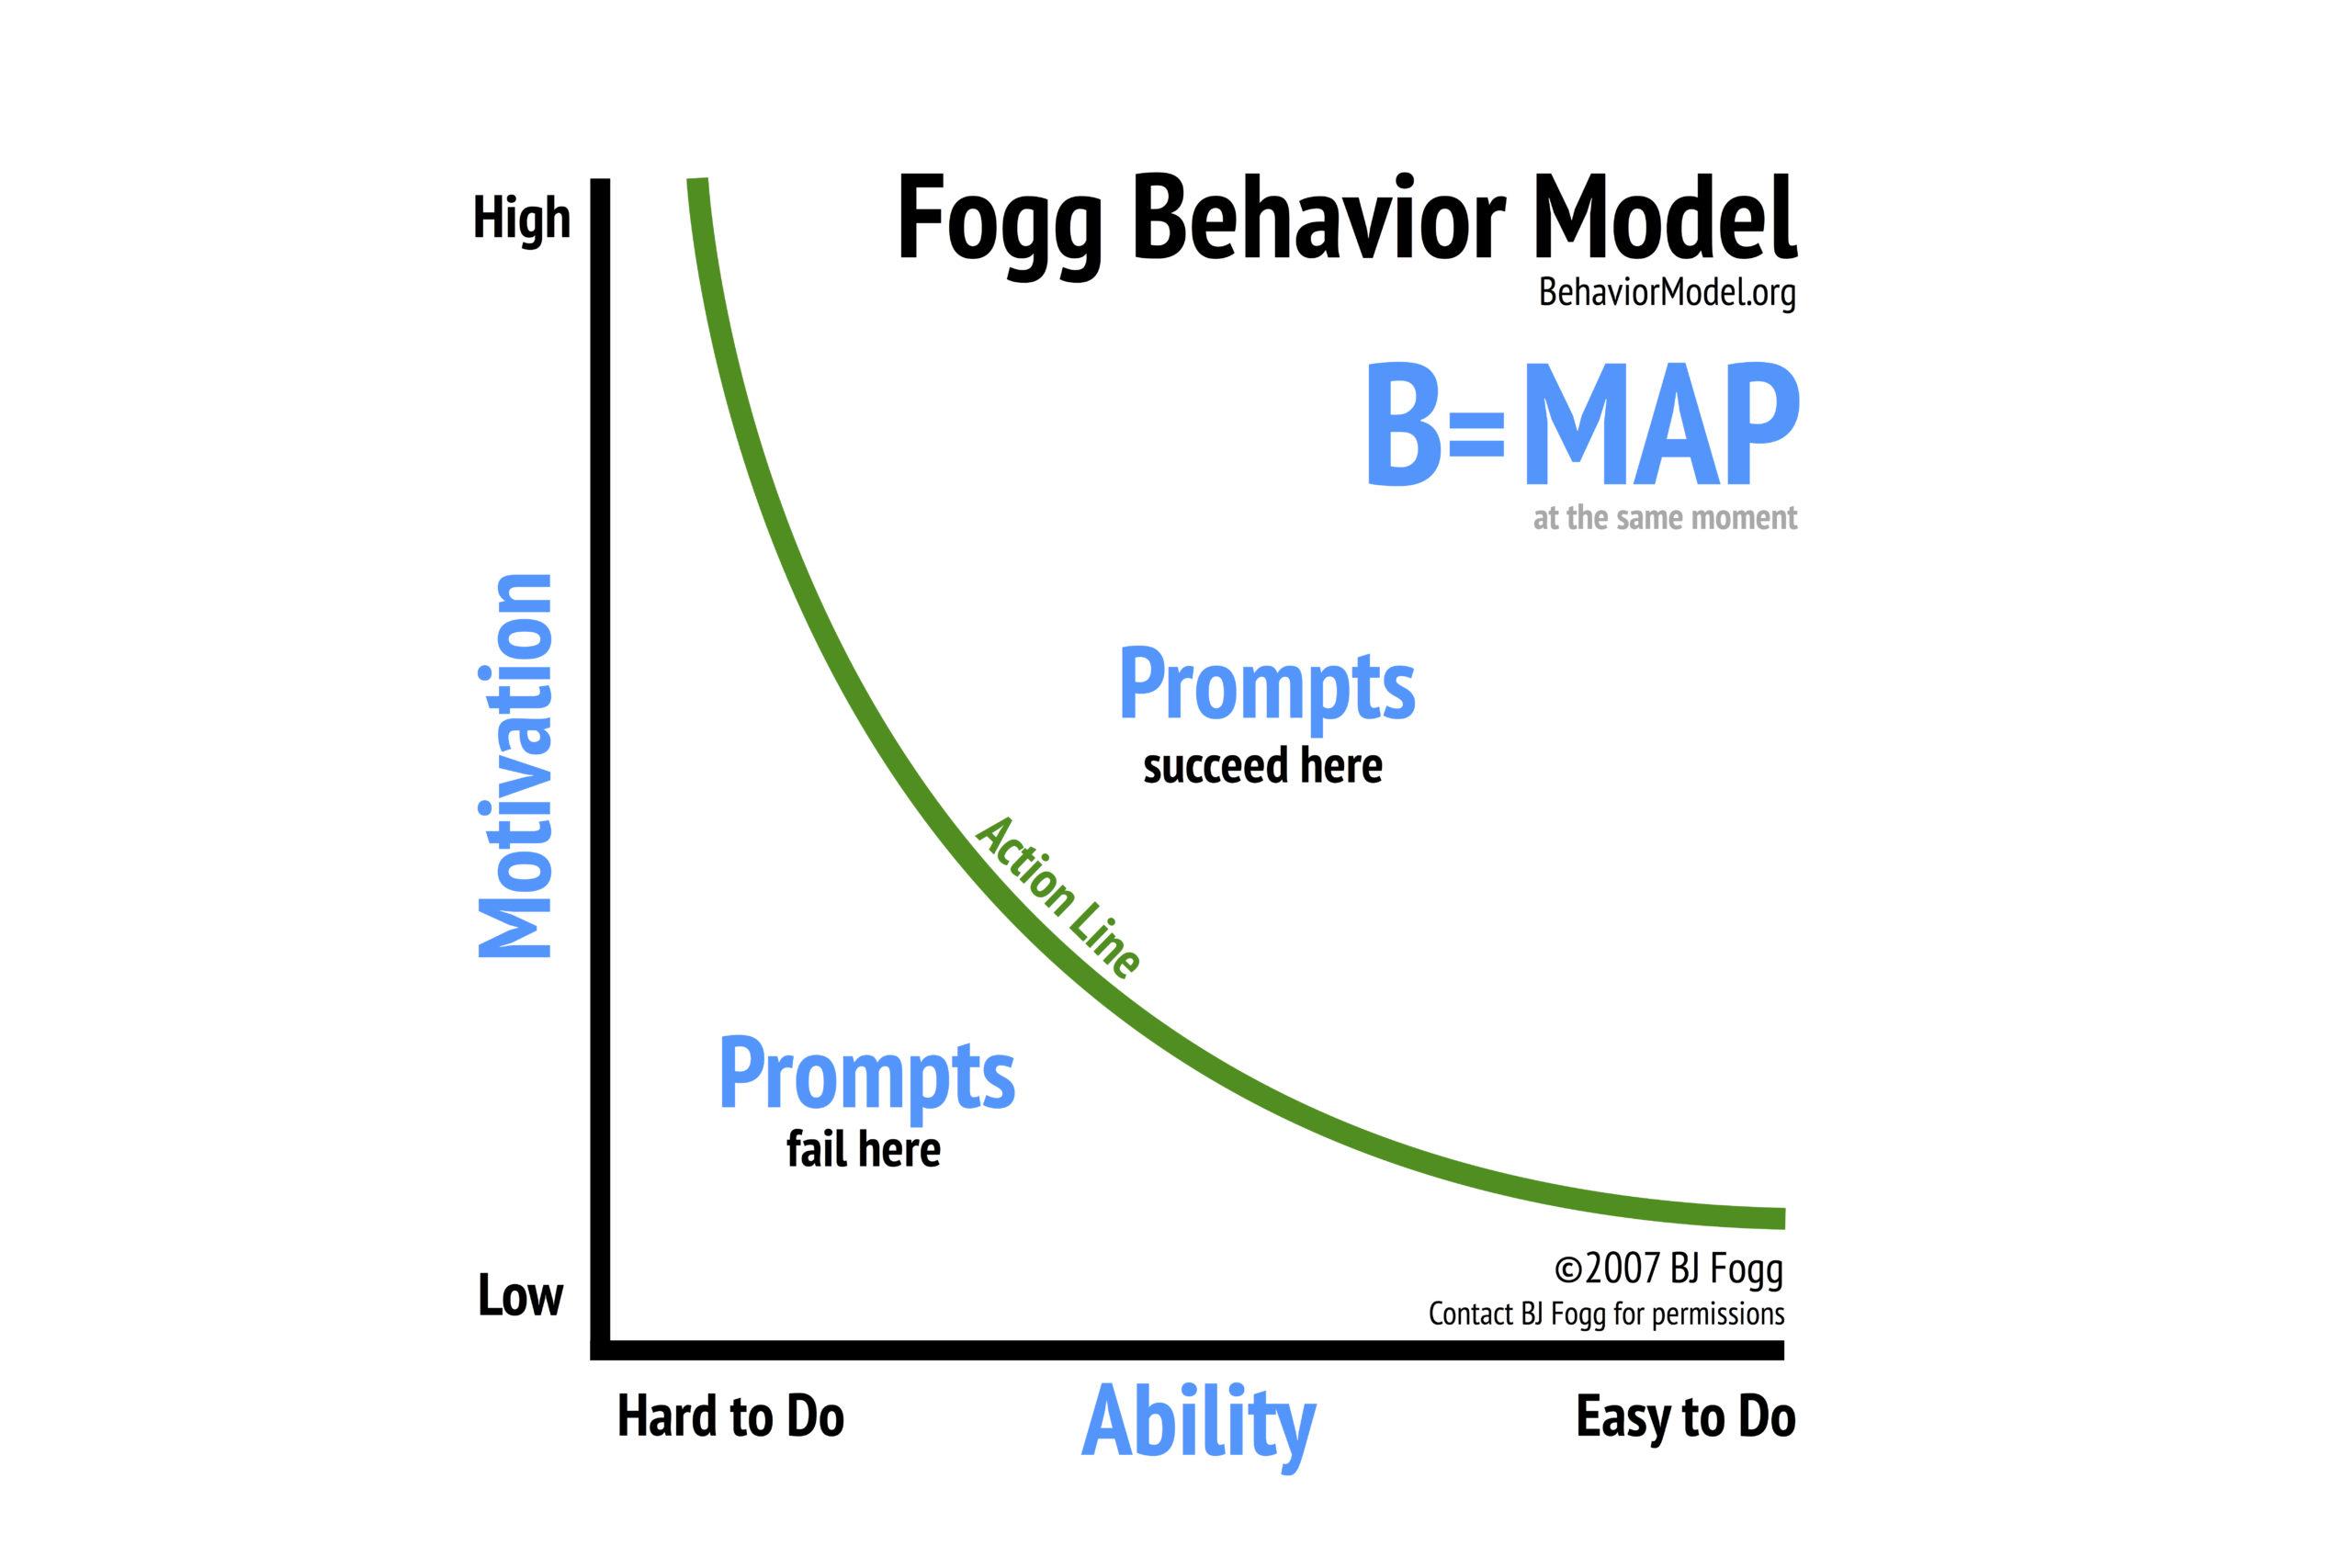 Das Fogg Behavior Model: Das musst du über deine Psyche wissen, damit du deine Ziele wirklich erreichen kannst!